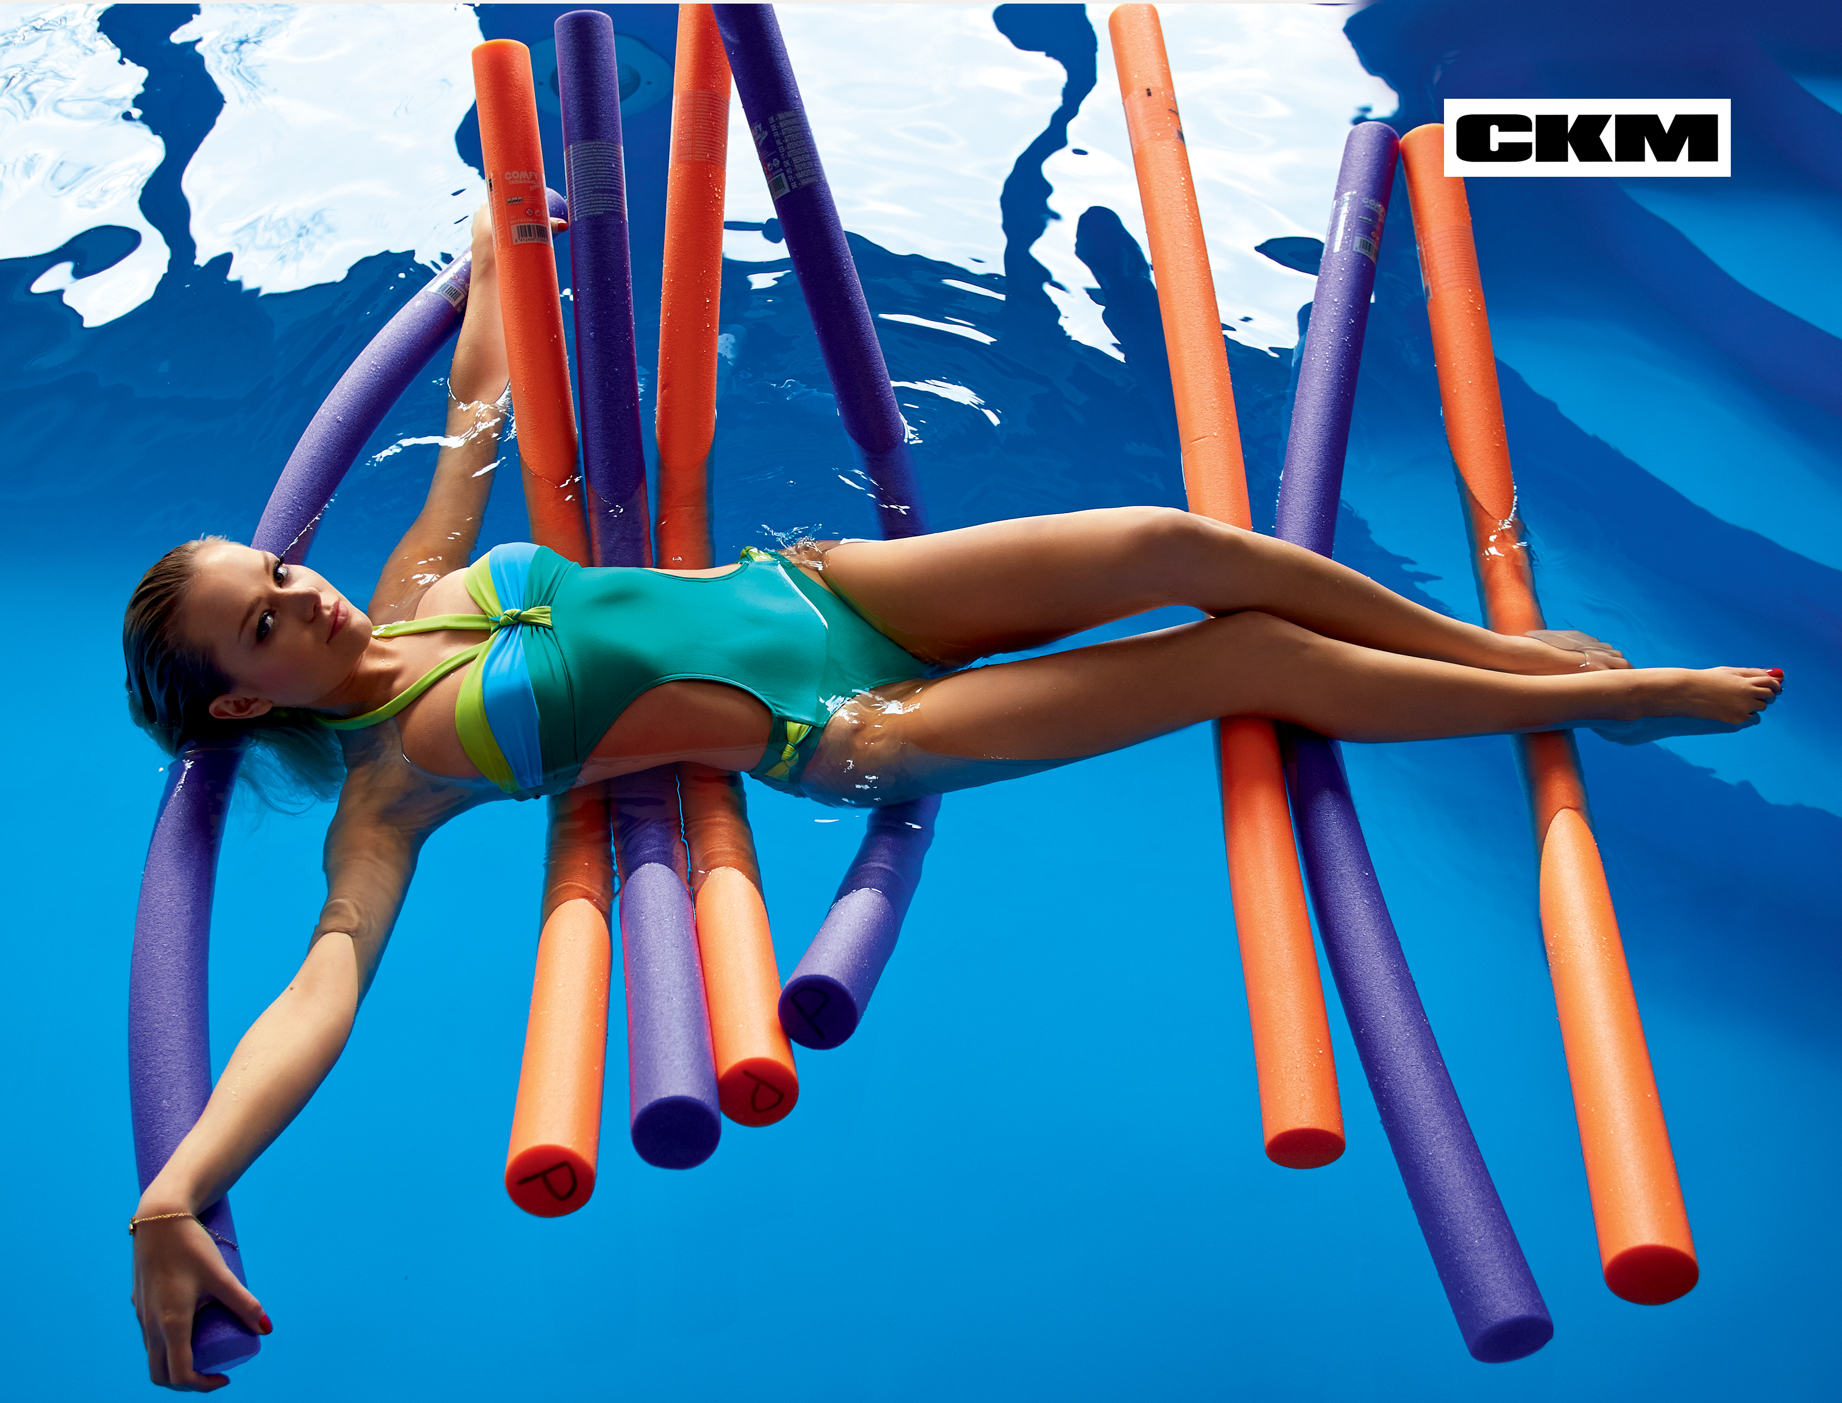 Ola Ciupa na okładce najnowszego CKM-u (FOTO)